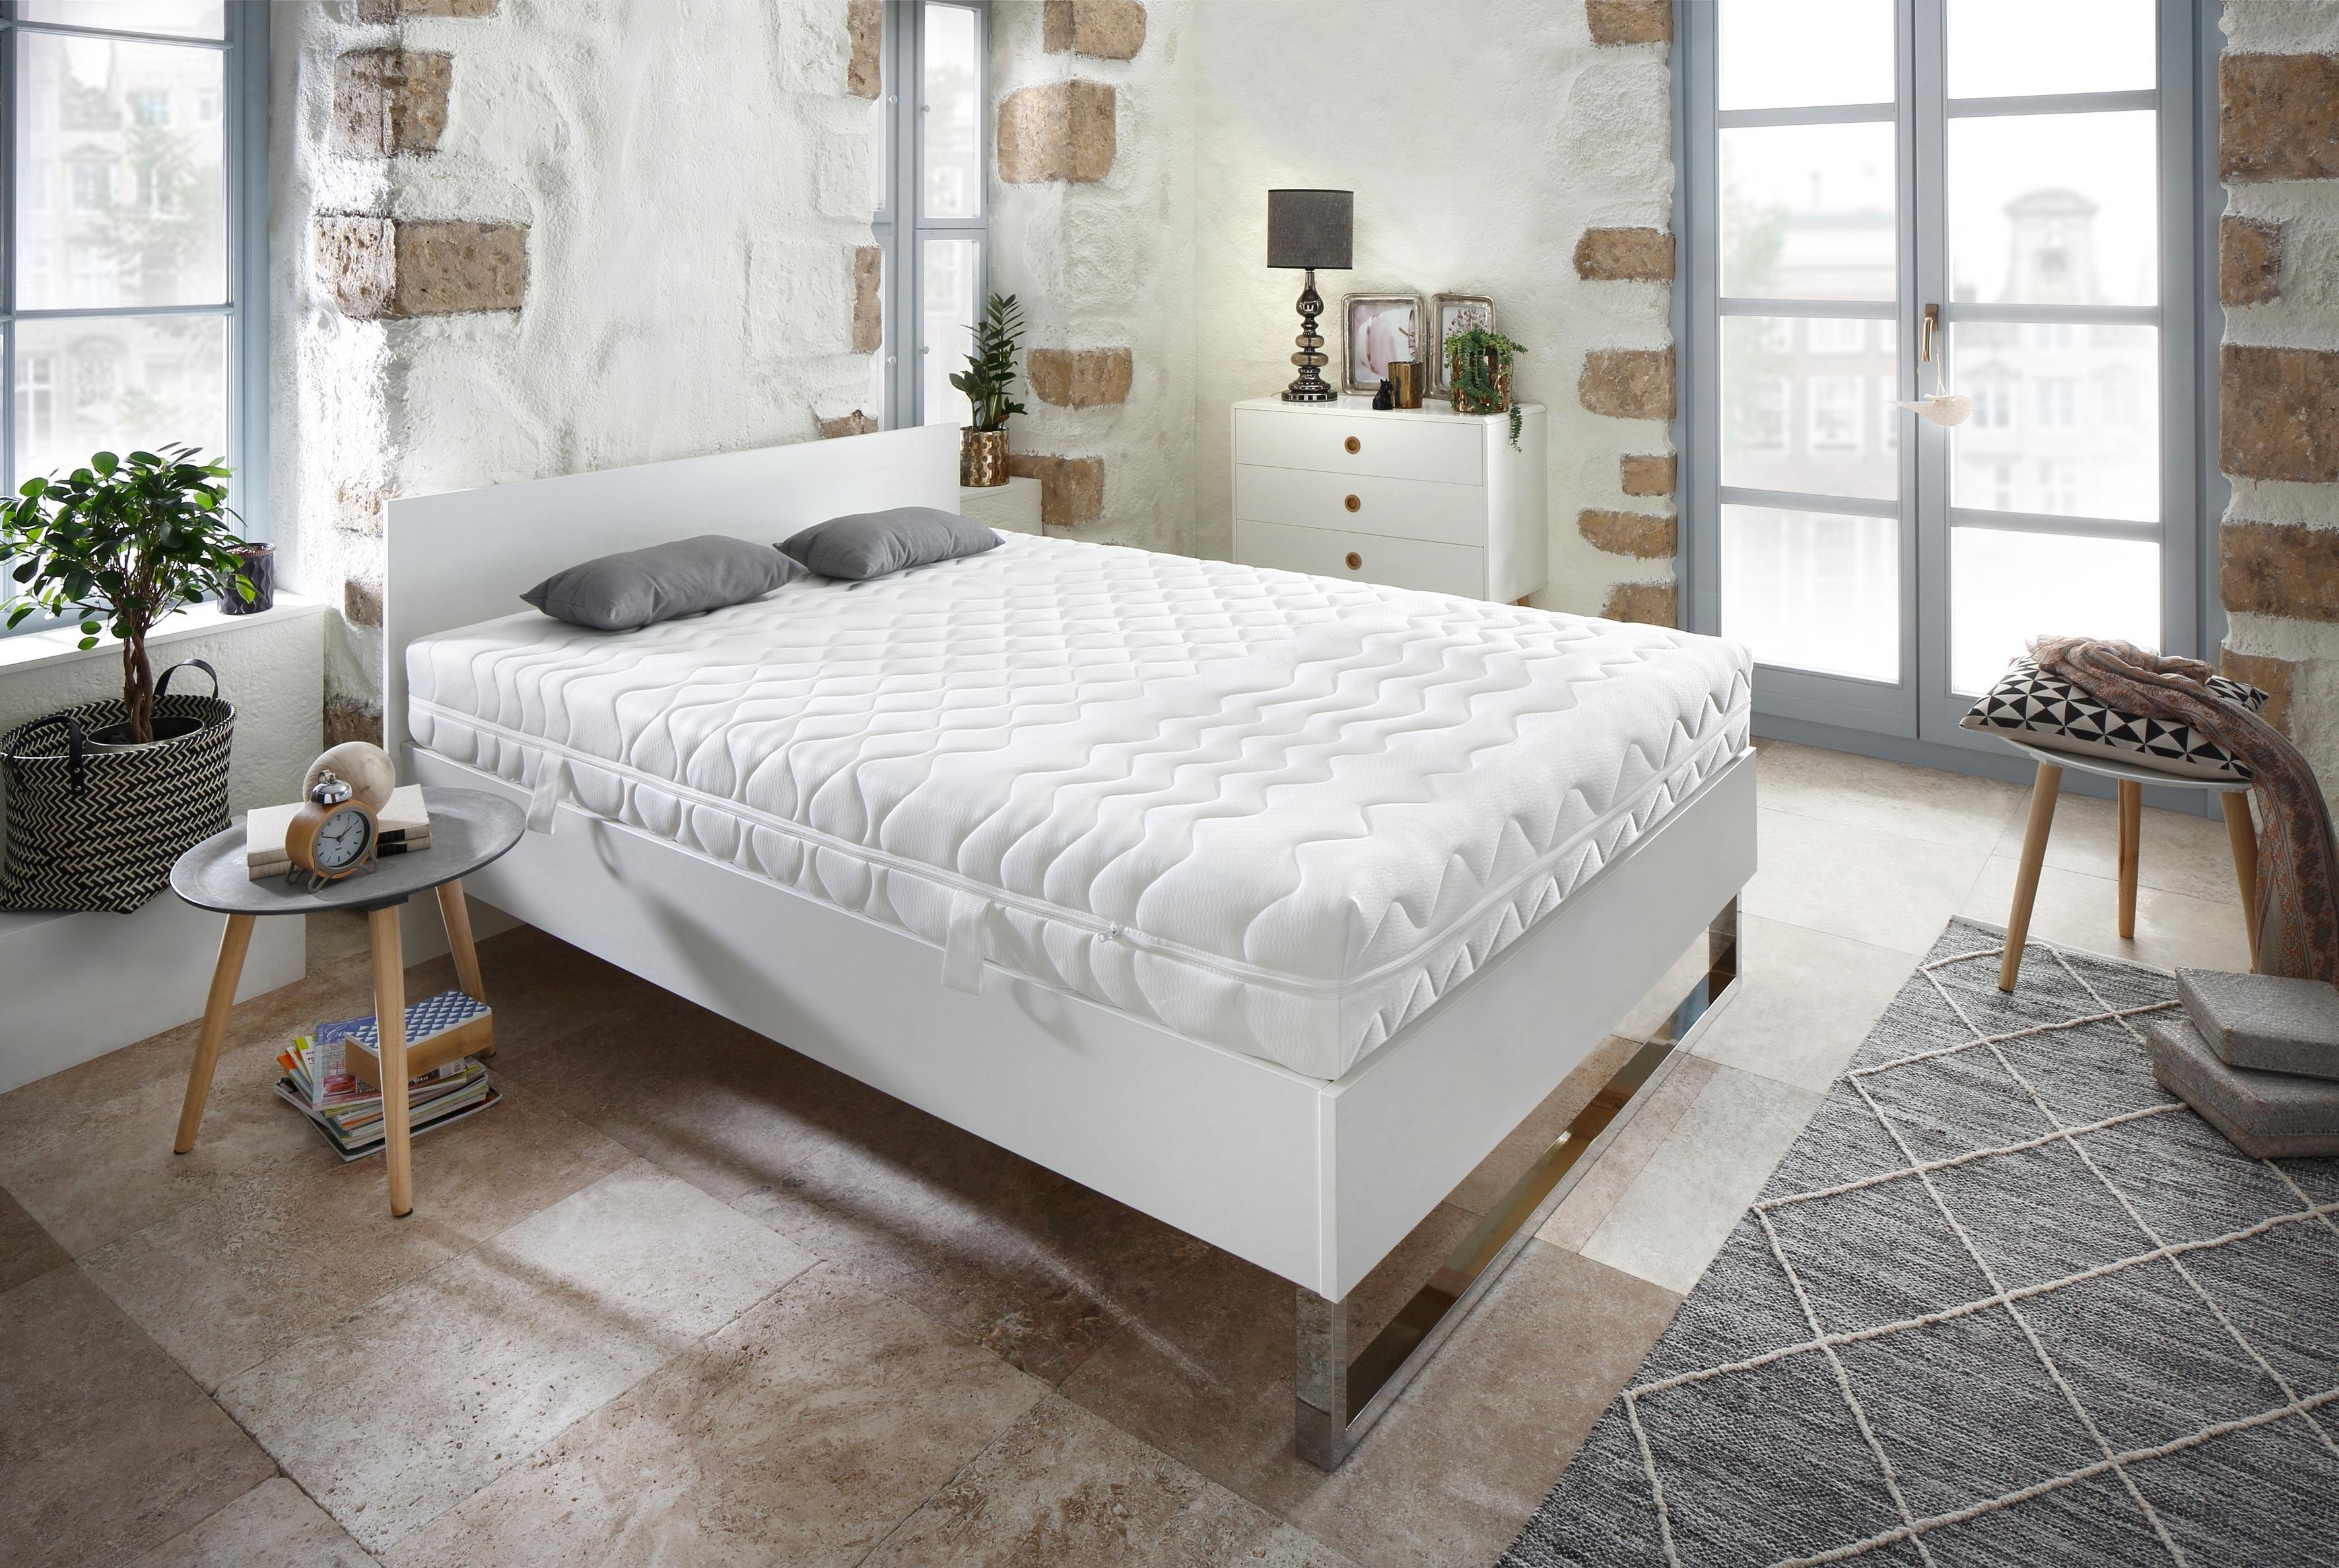 matratzen 80x200 h4 preisvergleich die besten angebote online kaufen. Black Bedroom Furniture Sets. Home Design Ideas